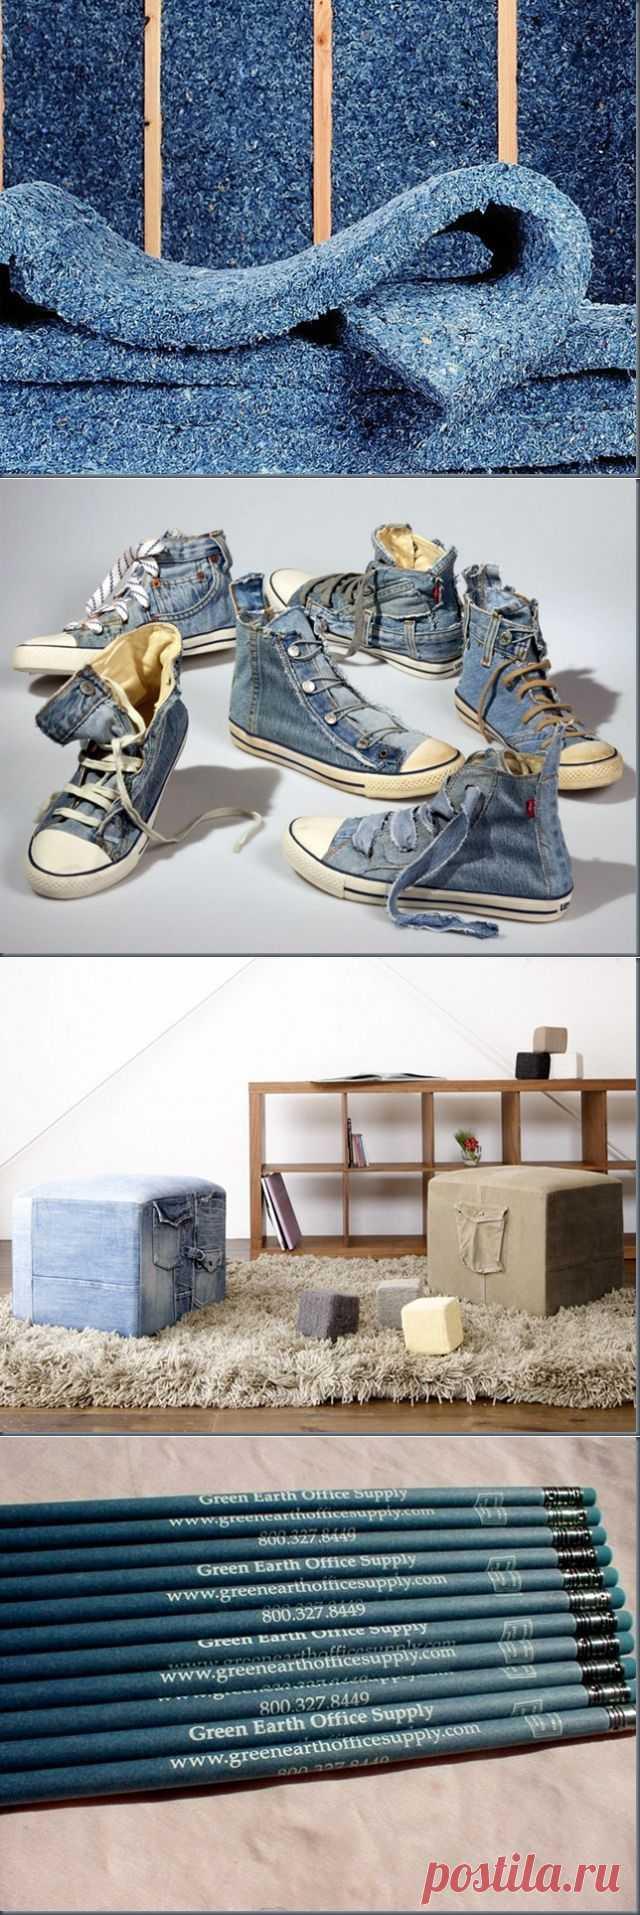 4 варианта переработки старой джинсы / Переделка джинсов / Модный сайт о стильной переделке одежды и интерьера